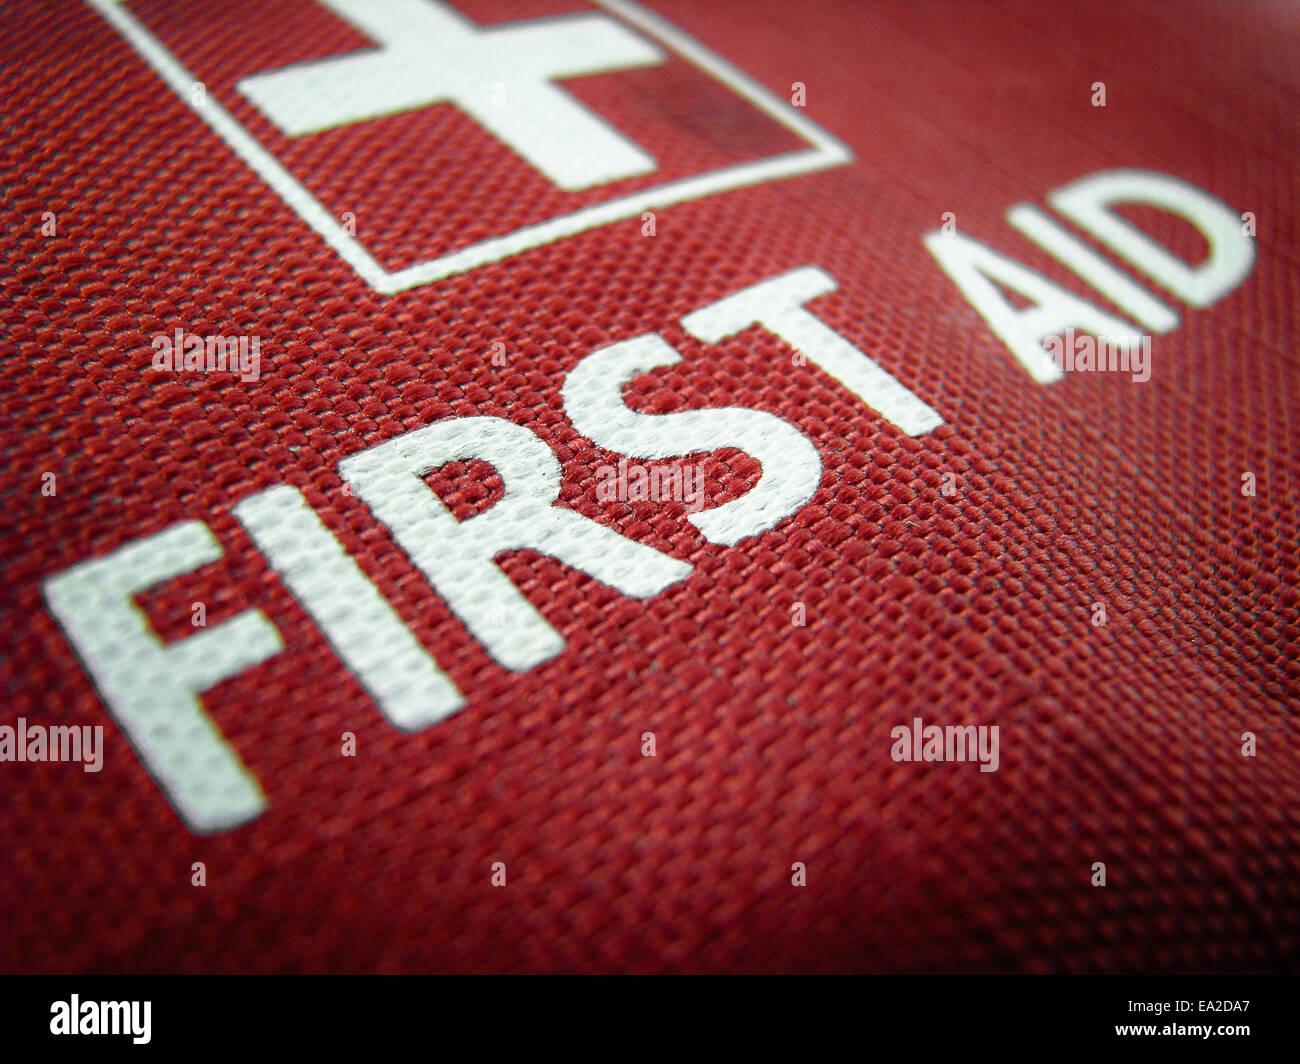 Medizinische Bildverarbeitung eines erste-Hilfe-Kit oder Pack Stockbild